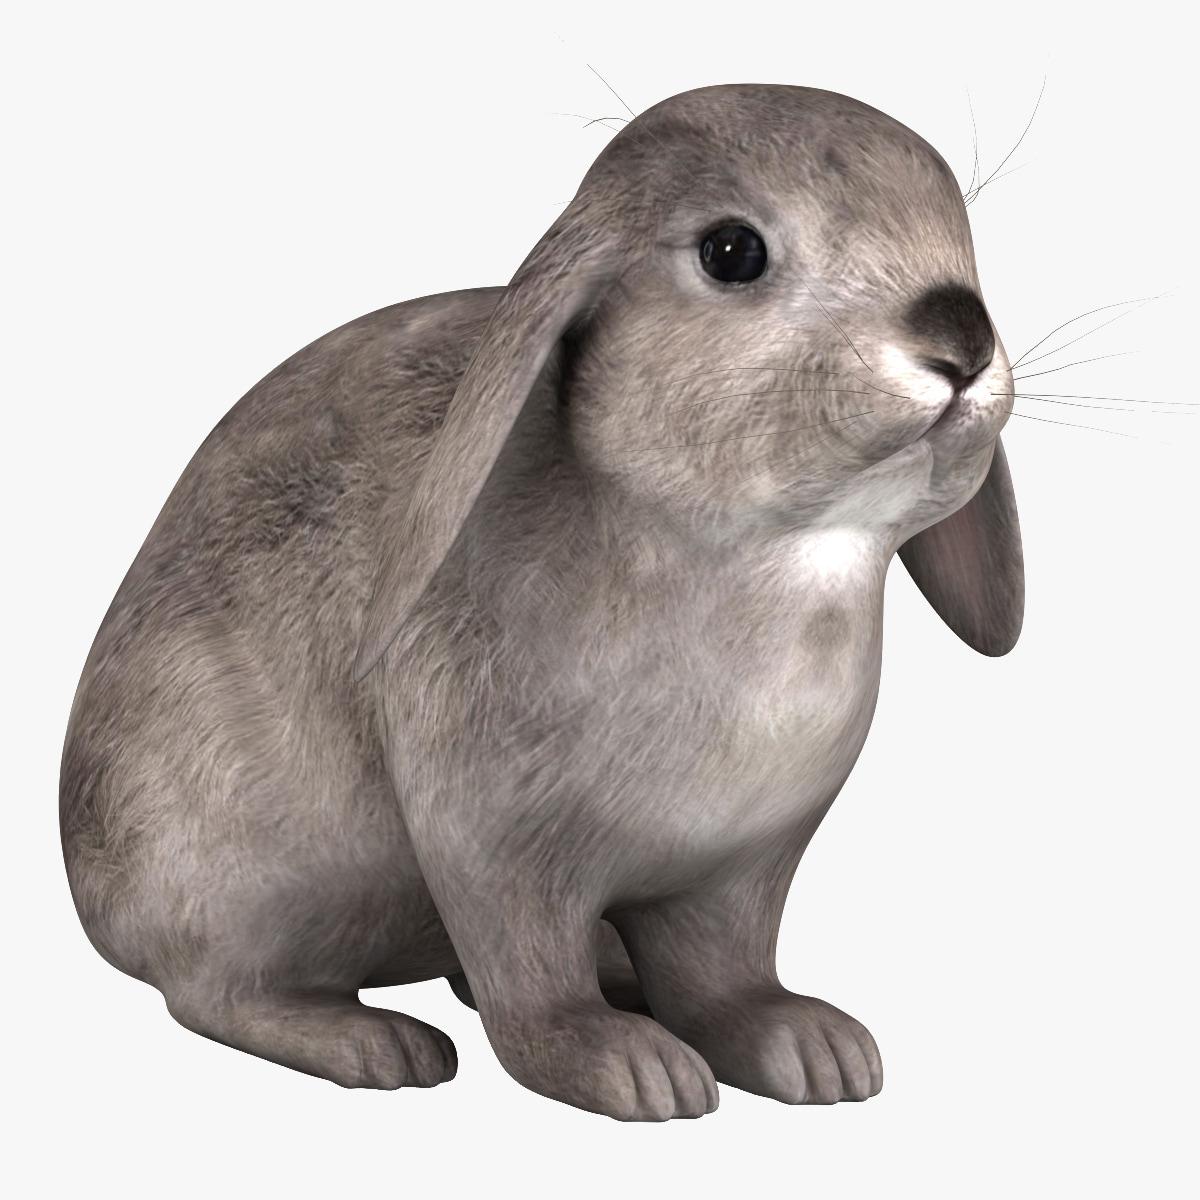 rabbit_grey_000.jpg